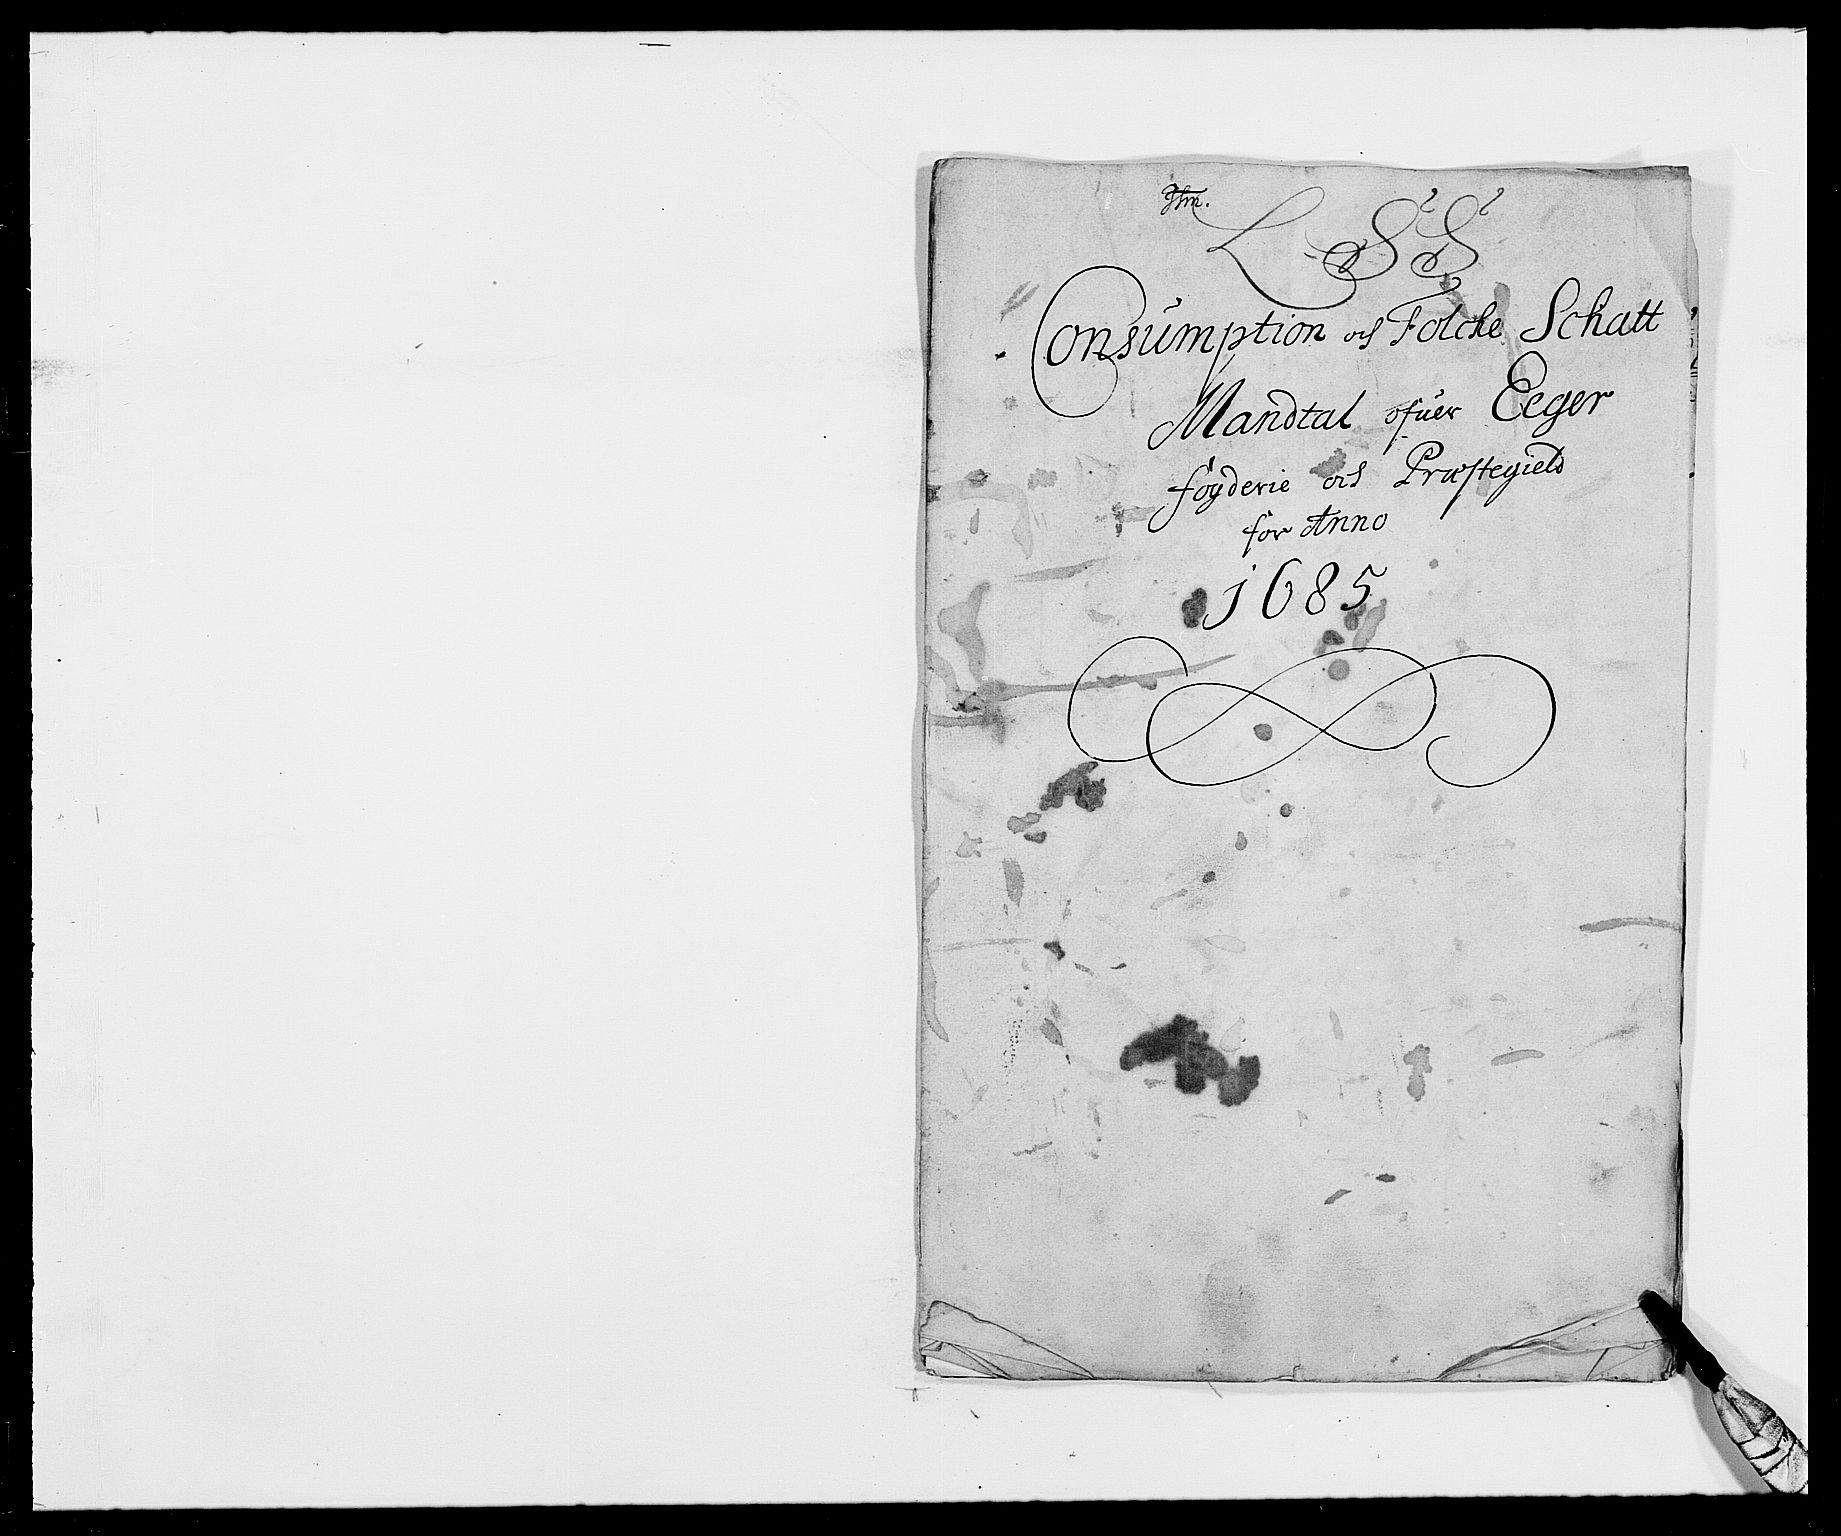 RA, Rentekammeret inntil 1814, Reviderte regnskaper, Fogderegnskap, R26/L1685: Fogderegnskap Eiker, 1679-1686, s. 129